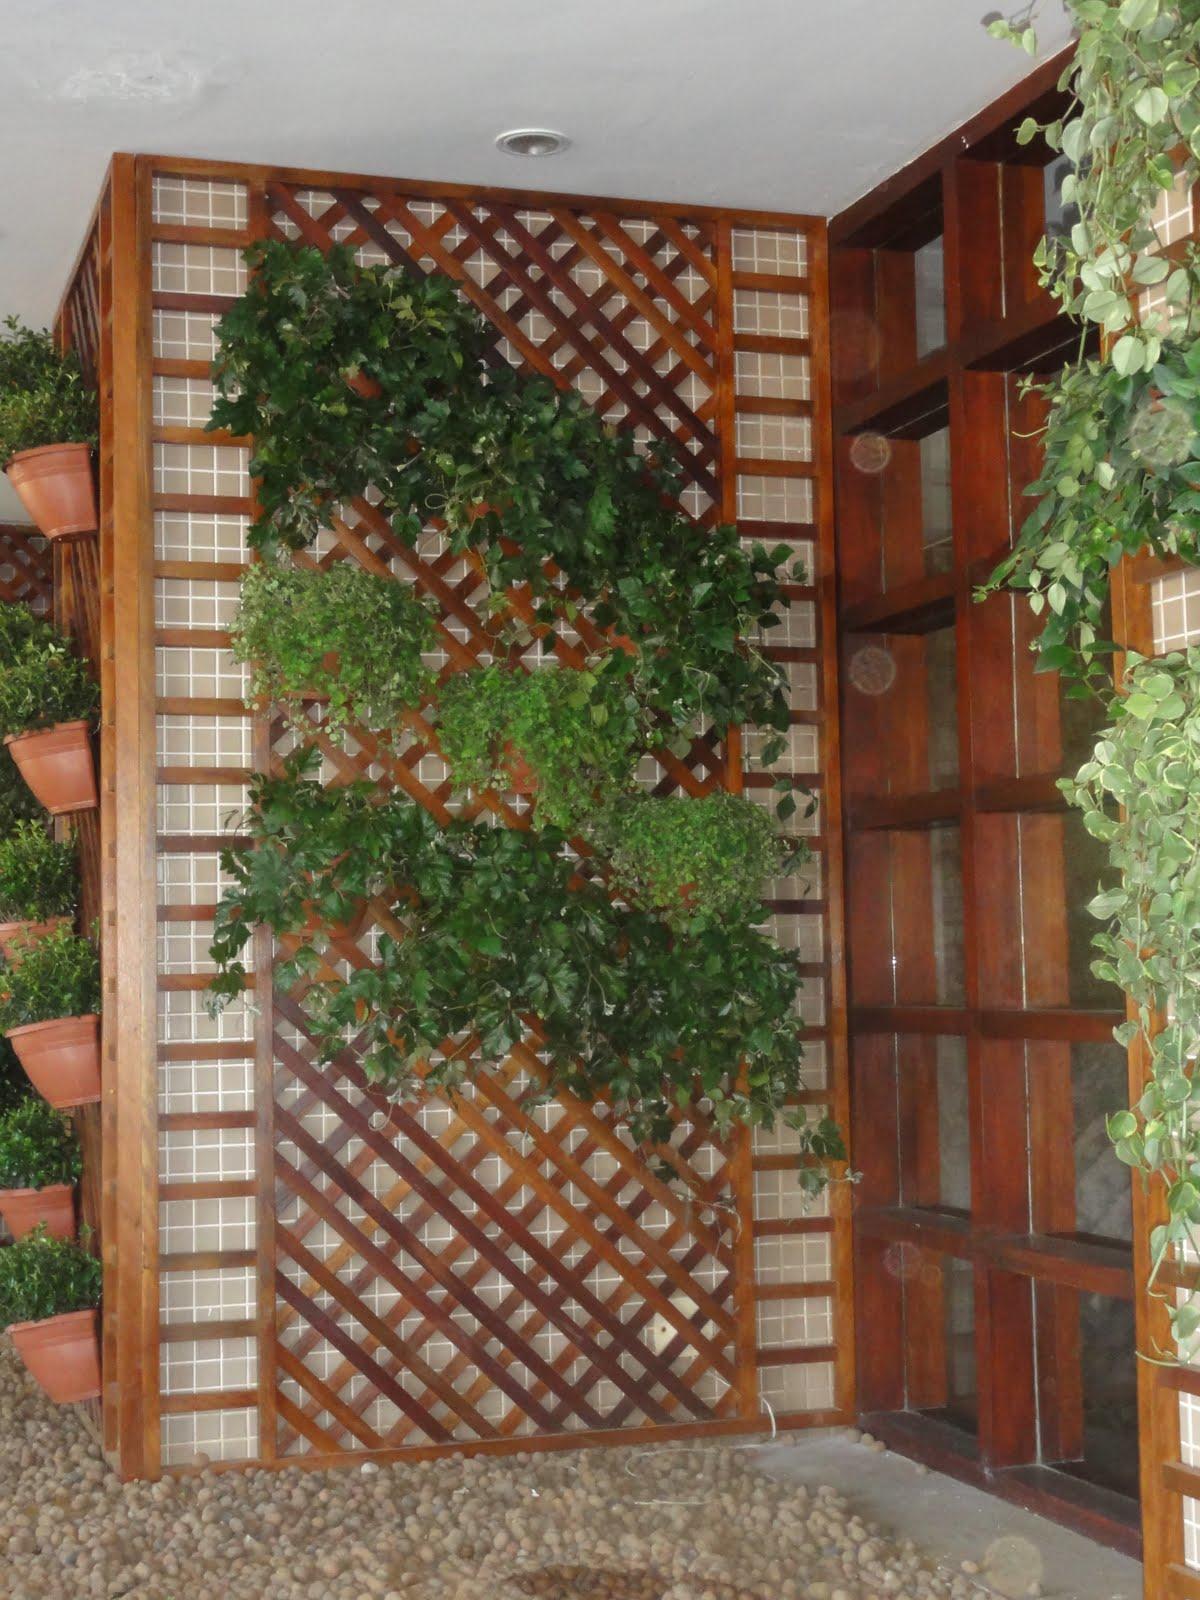 Treli?a madeira - Jardim Vertical : D?vidas gerais